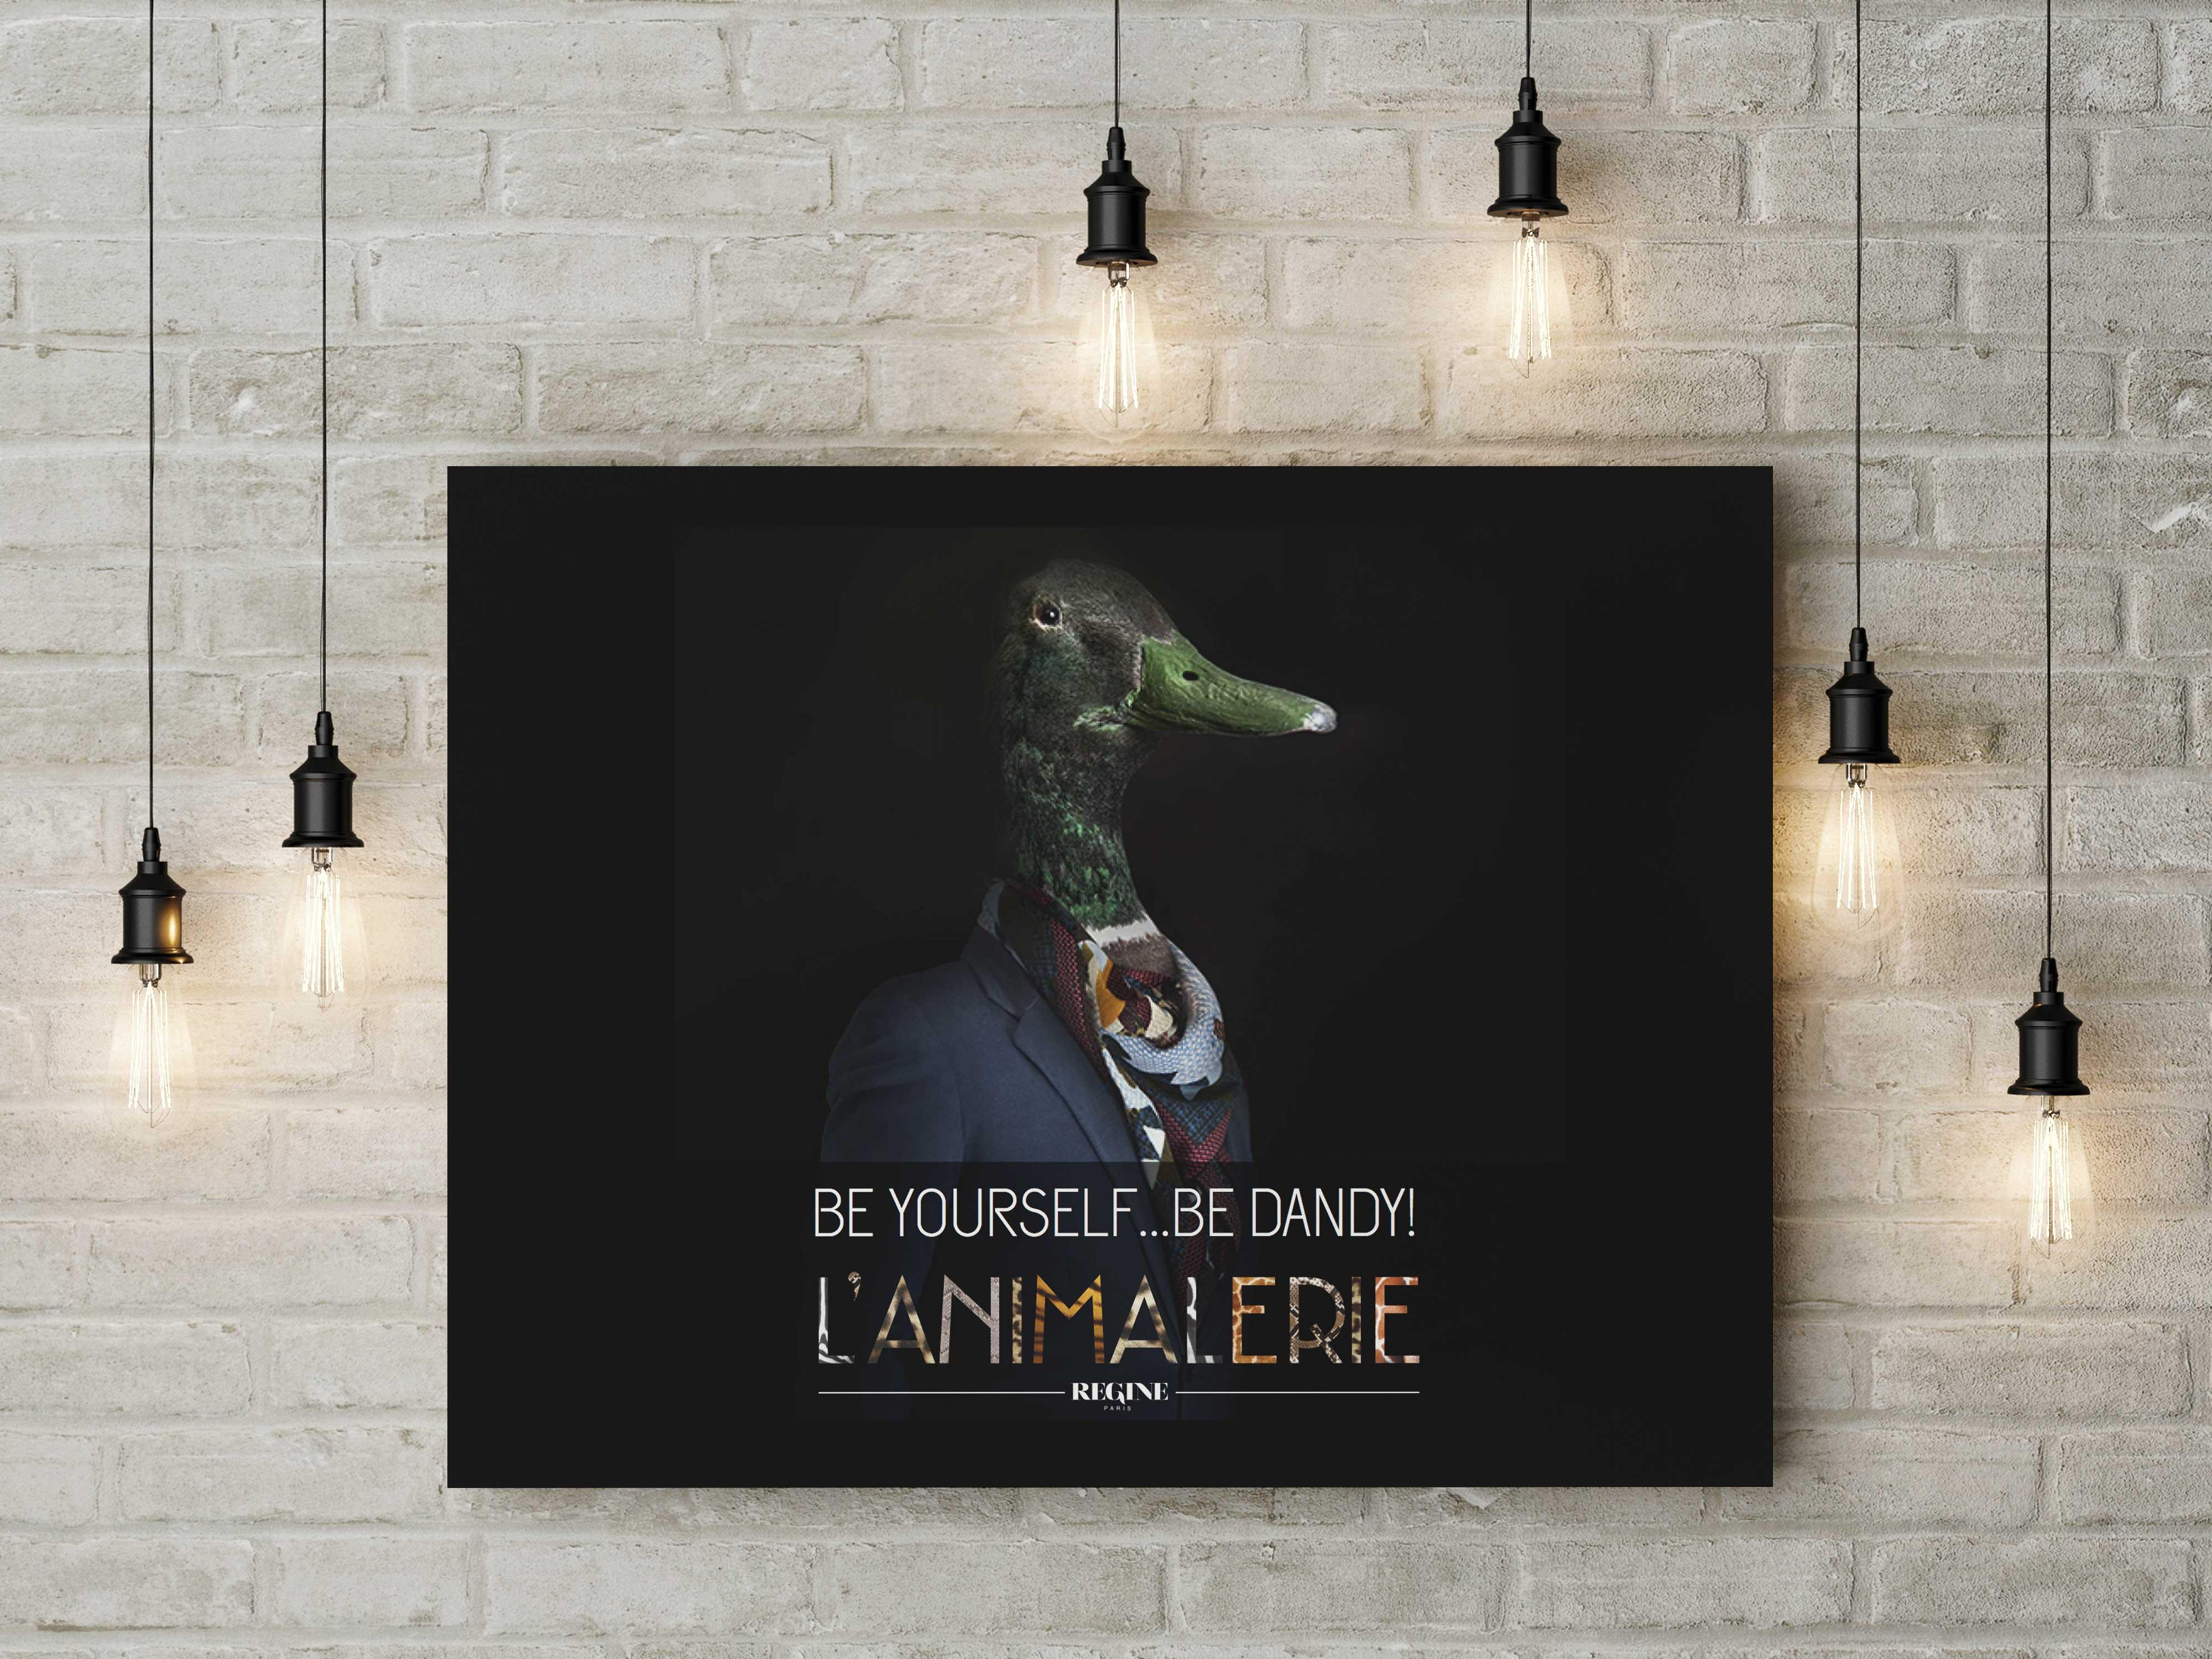 L'Animalerie